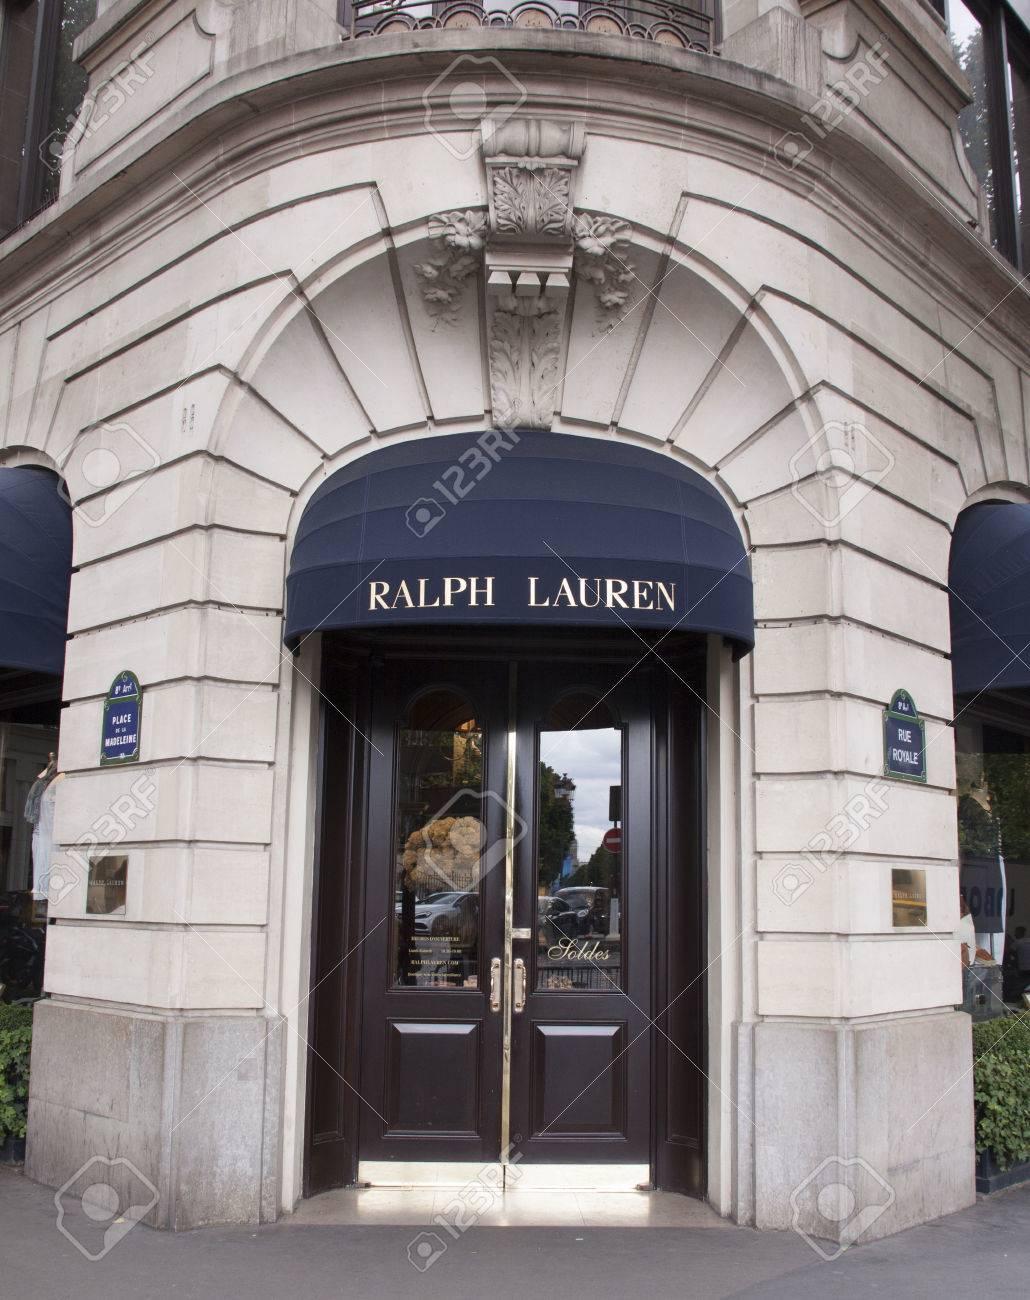 9078d7d73ed4 Paris, France -june 29, 2017: Ralph lauren store in Paris